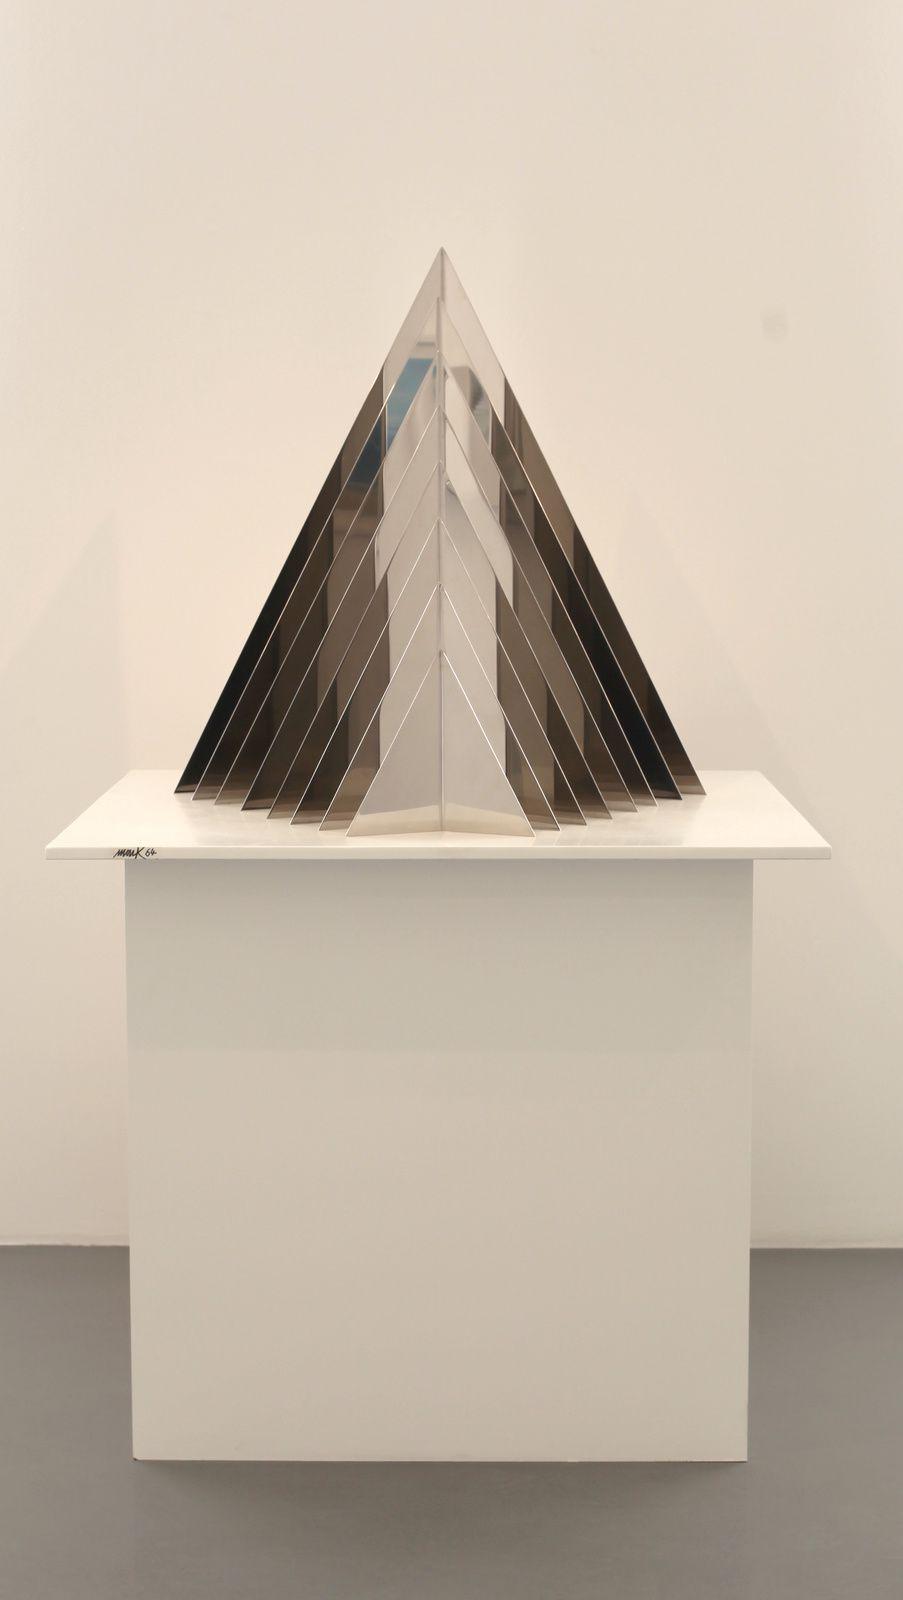 """""""Entwurf für eine lichtpyramid"""", 1964 de Heinz Mack - Courtesy Galerie Perrotin © Photo Éric Simon"""